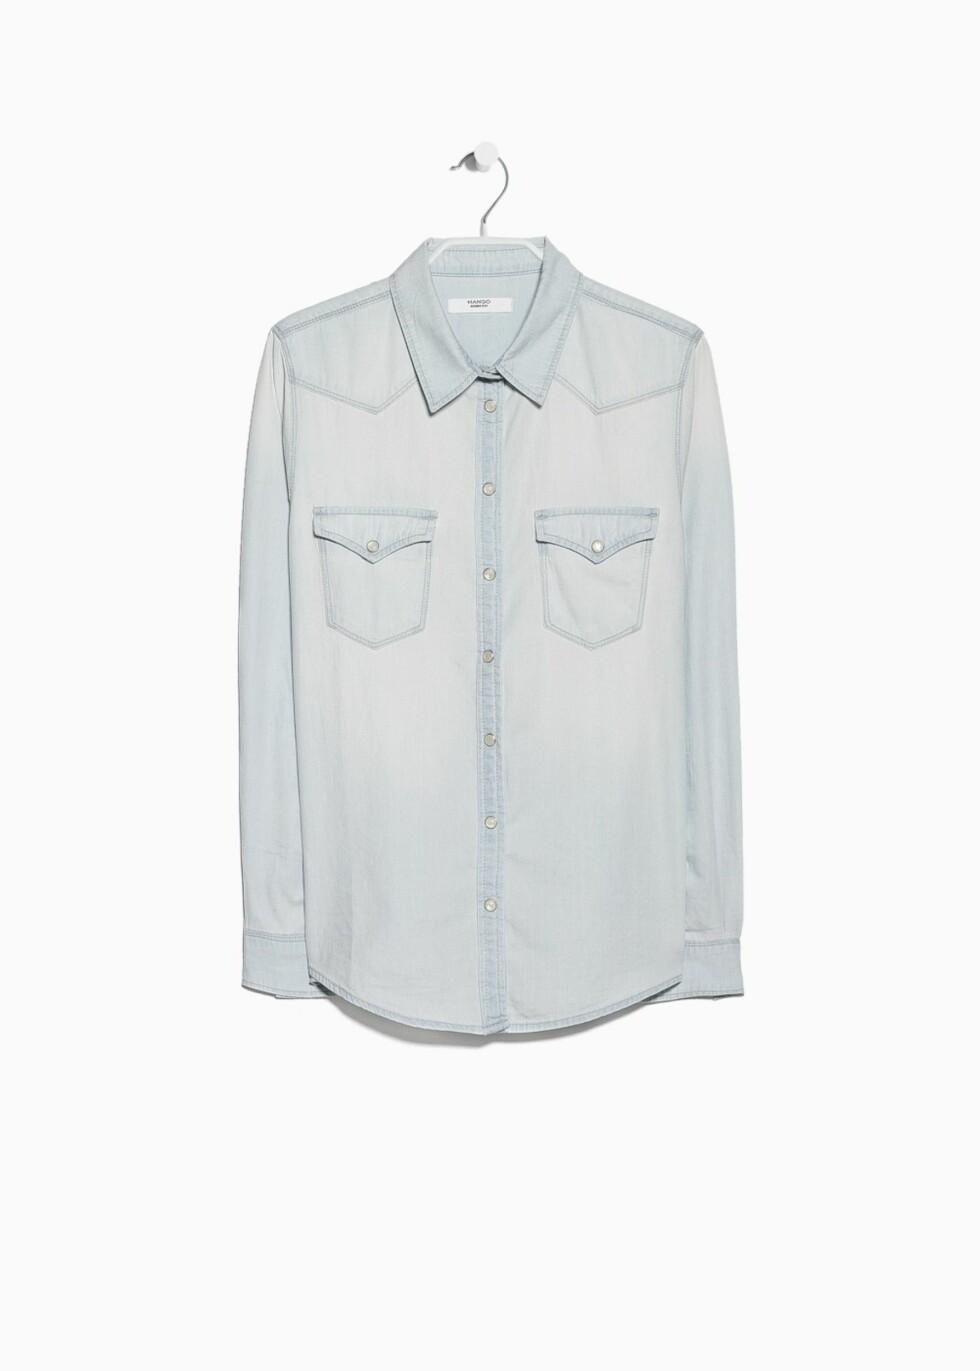 Skjorte fra Mango, 299 kr. Foto: Produsenten.